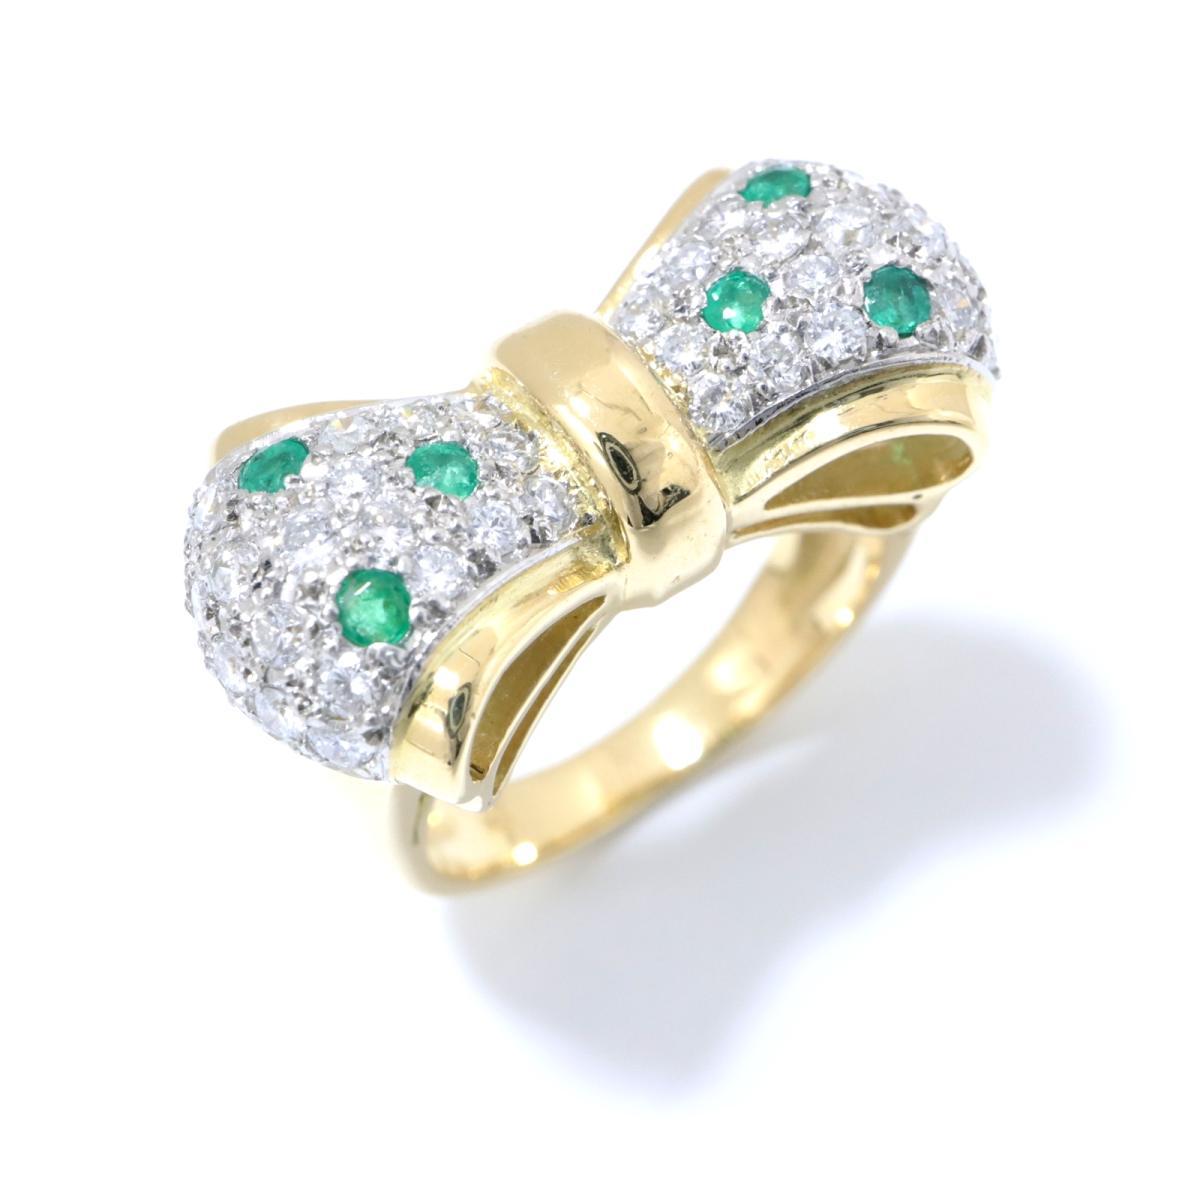 【中古】 ジュエリー エメラルド リング 指輪 レディース K18YG (750) イエローゴールド x (0.17ct) ダイヤモンド (0.56ct) グリーン クリアー ゴールド | JEWELRY BRANDOFF ブランドオフ ブランド ジュエリー アクセサリー